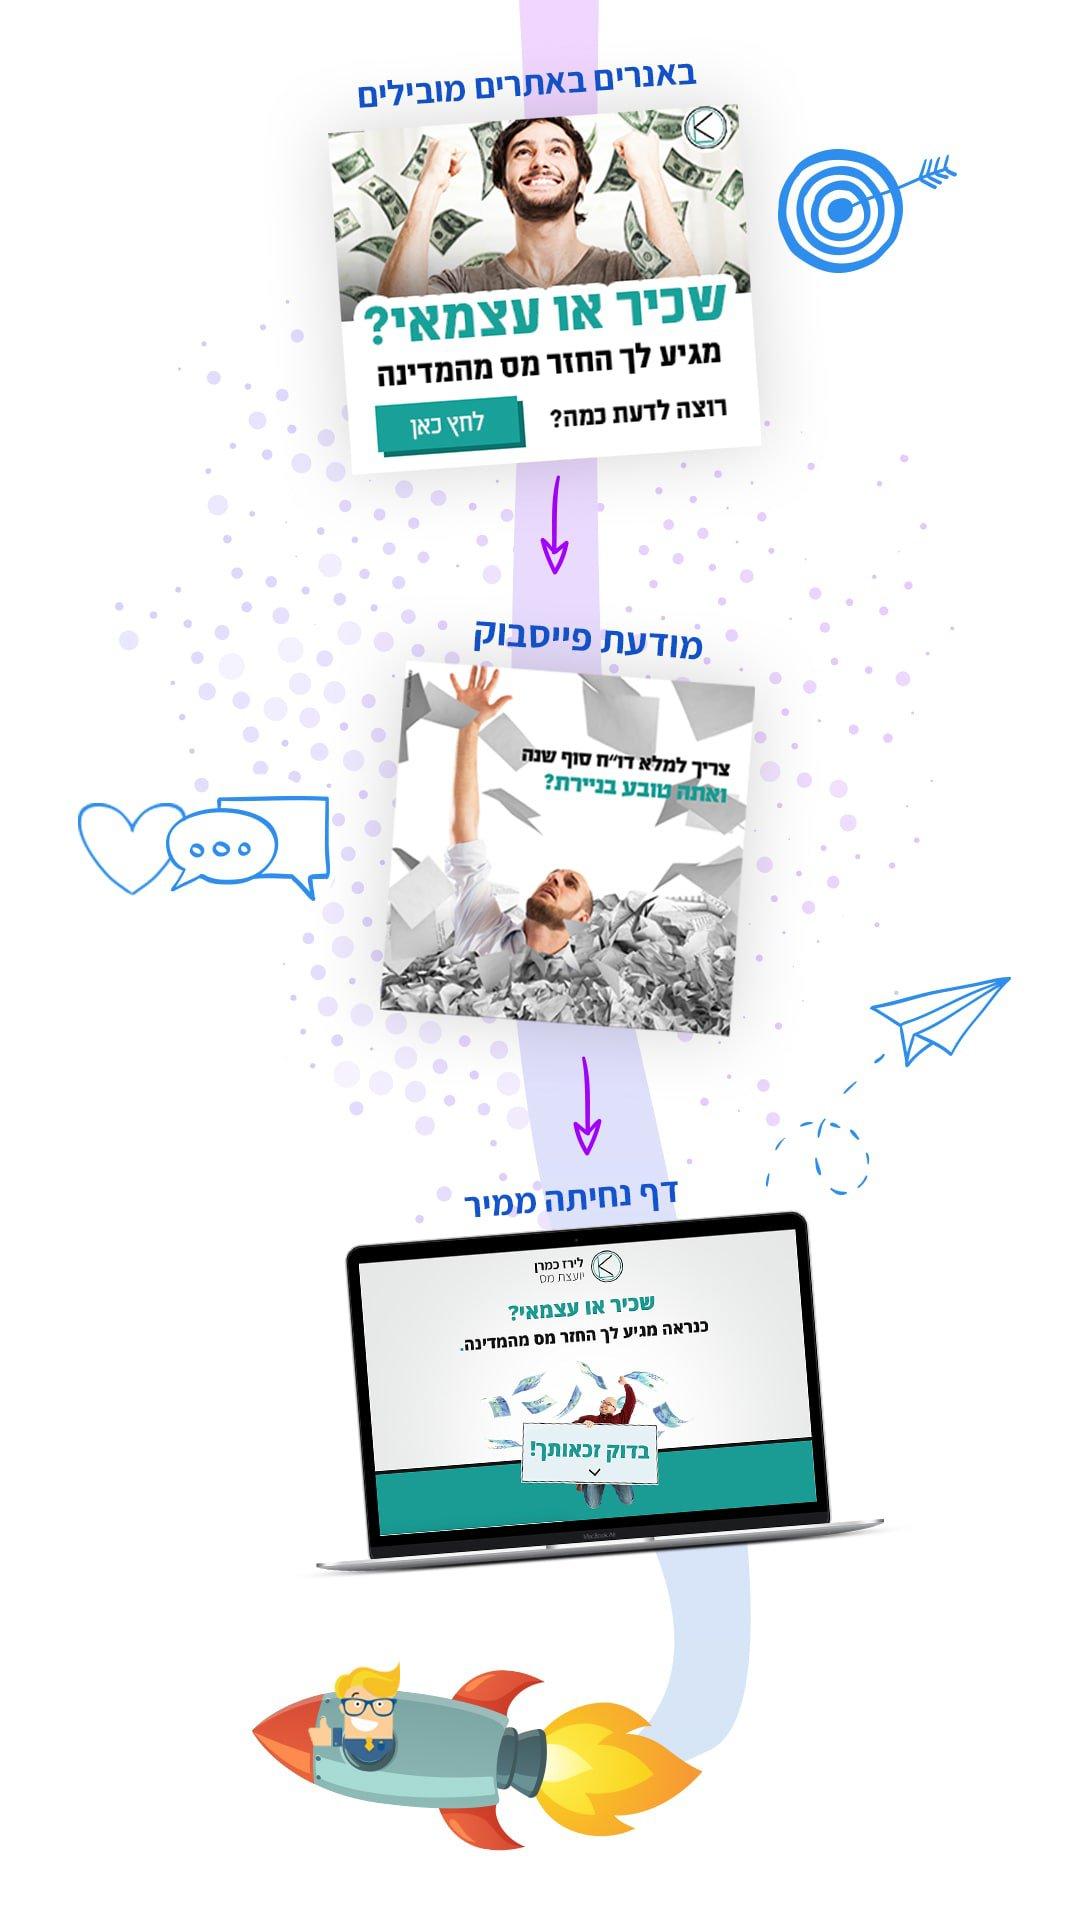 קמפיין לידים - חברה לבניית אתרים